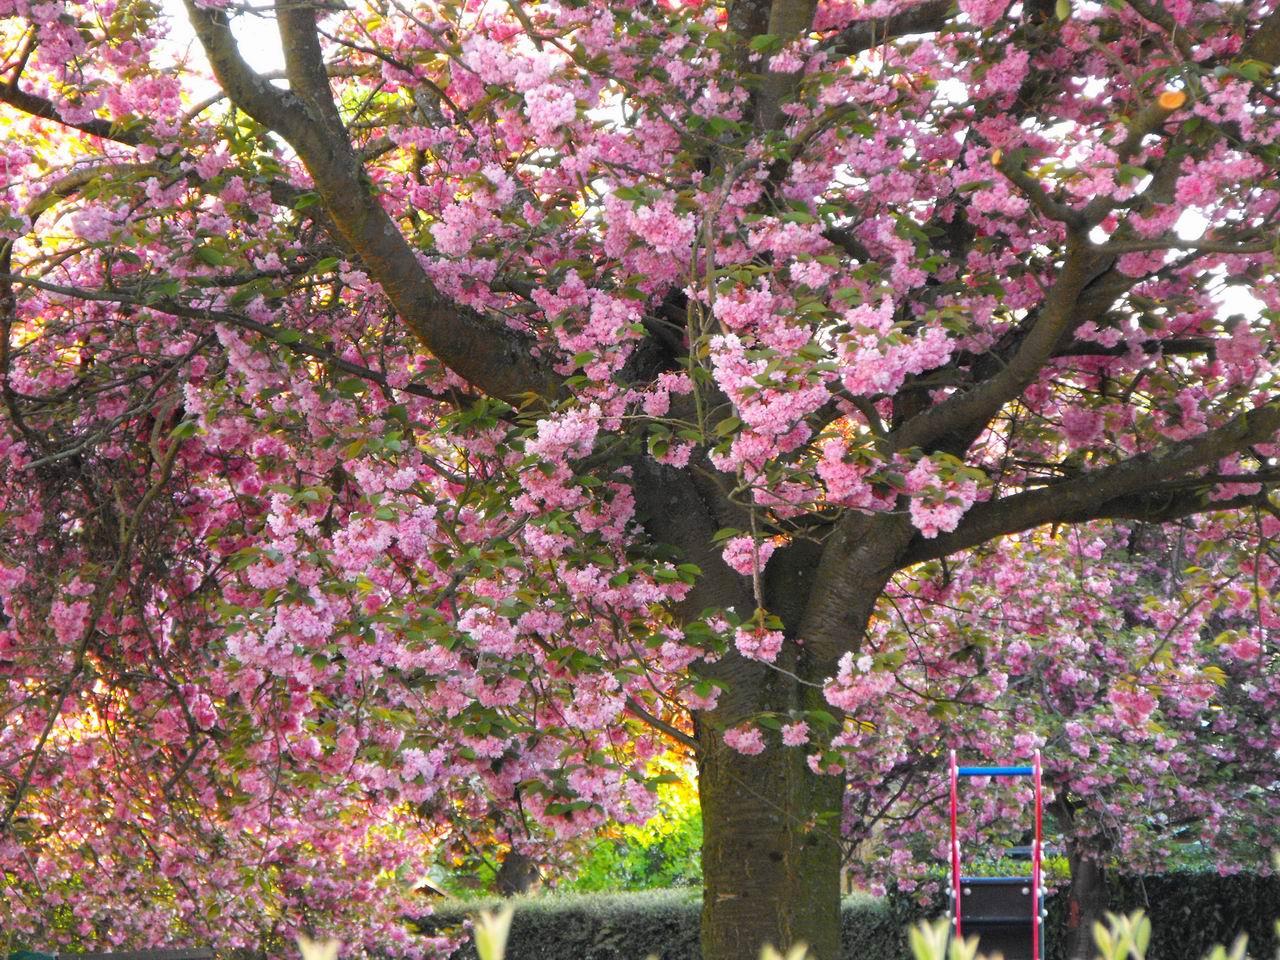 Evariste Zephyrin - photographer: Le jardin des cerisiers en fleurs